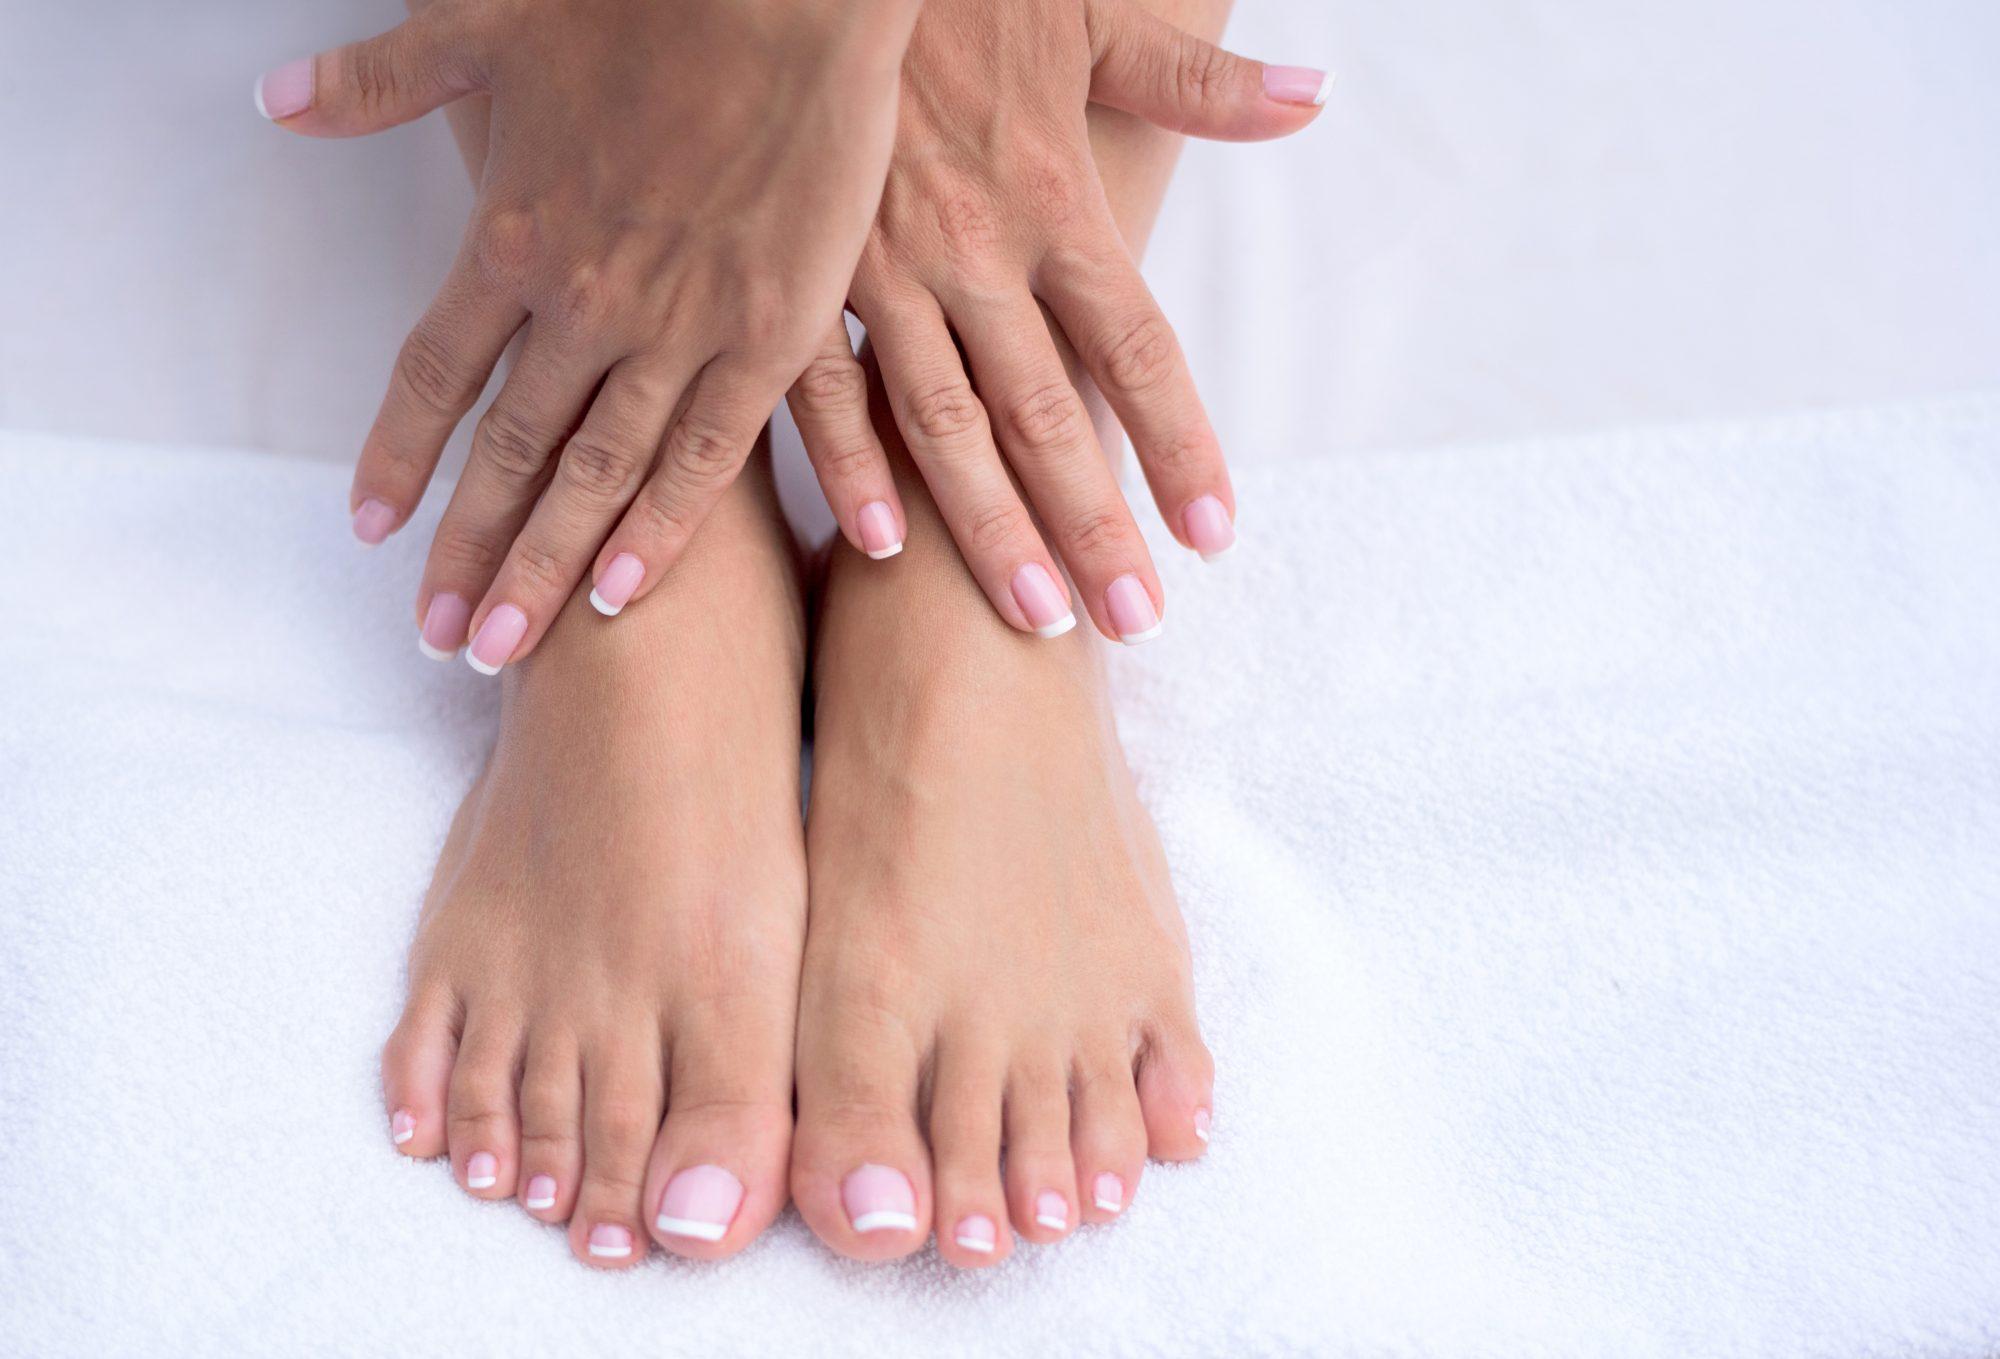 pies, uñas, manos, curar hongos pies